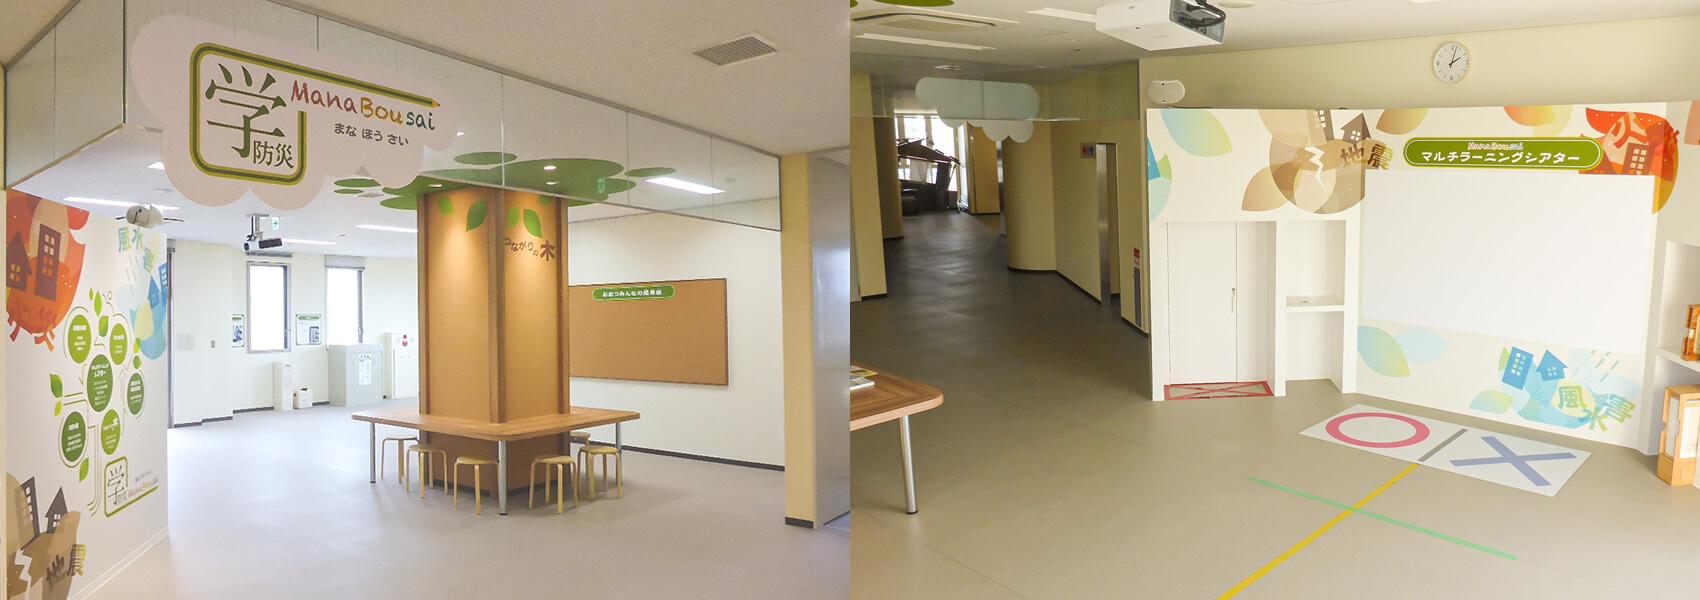 庁舎内には学習施設や実験室、交流施設も